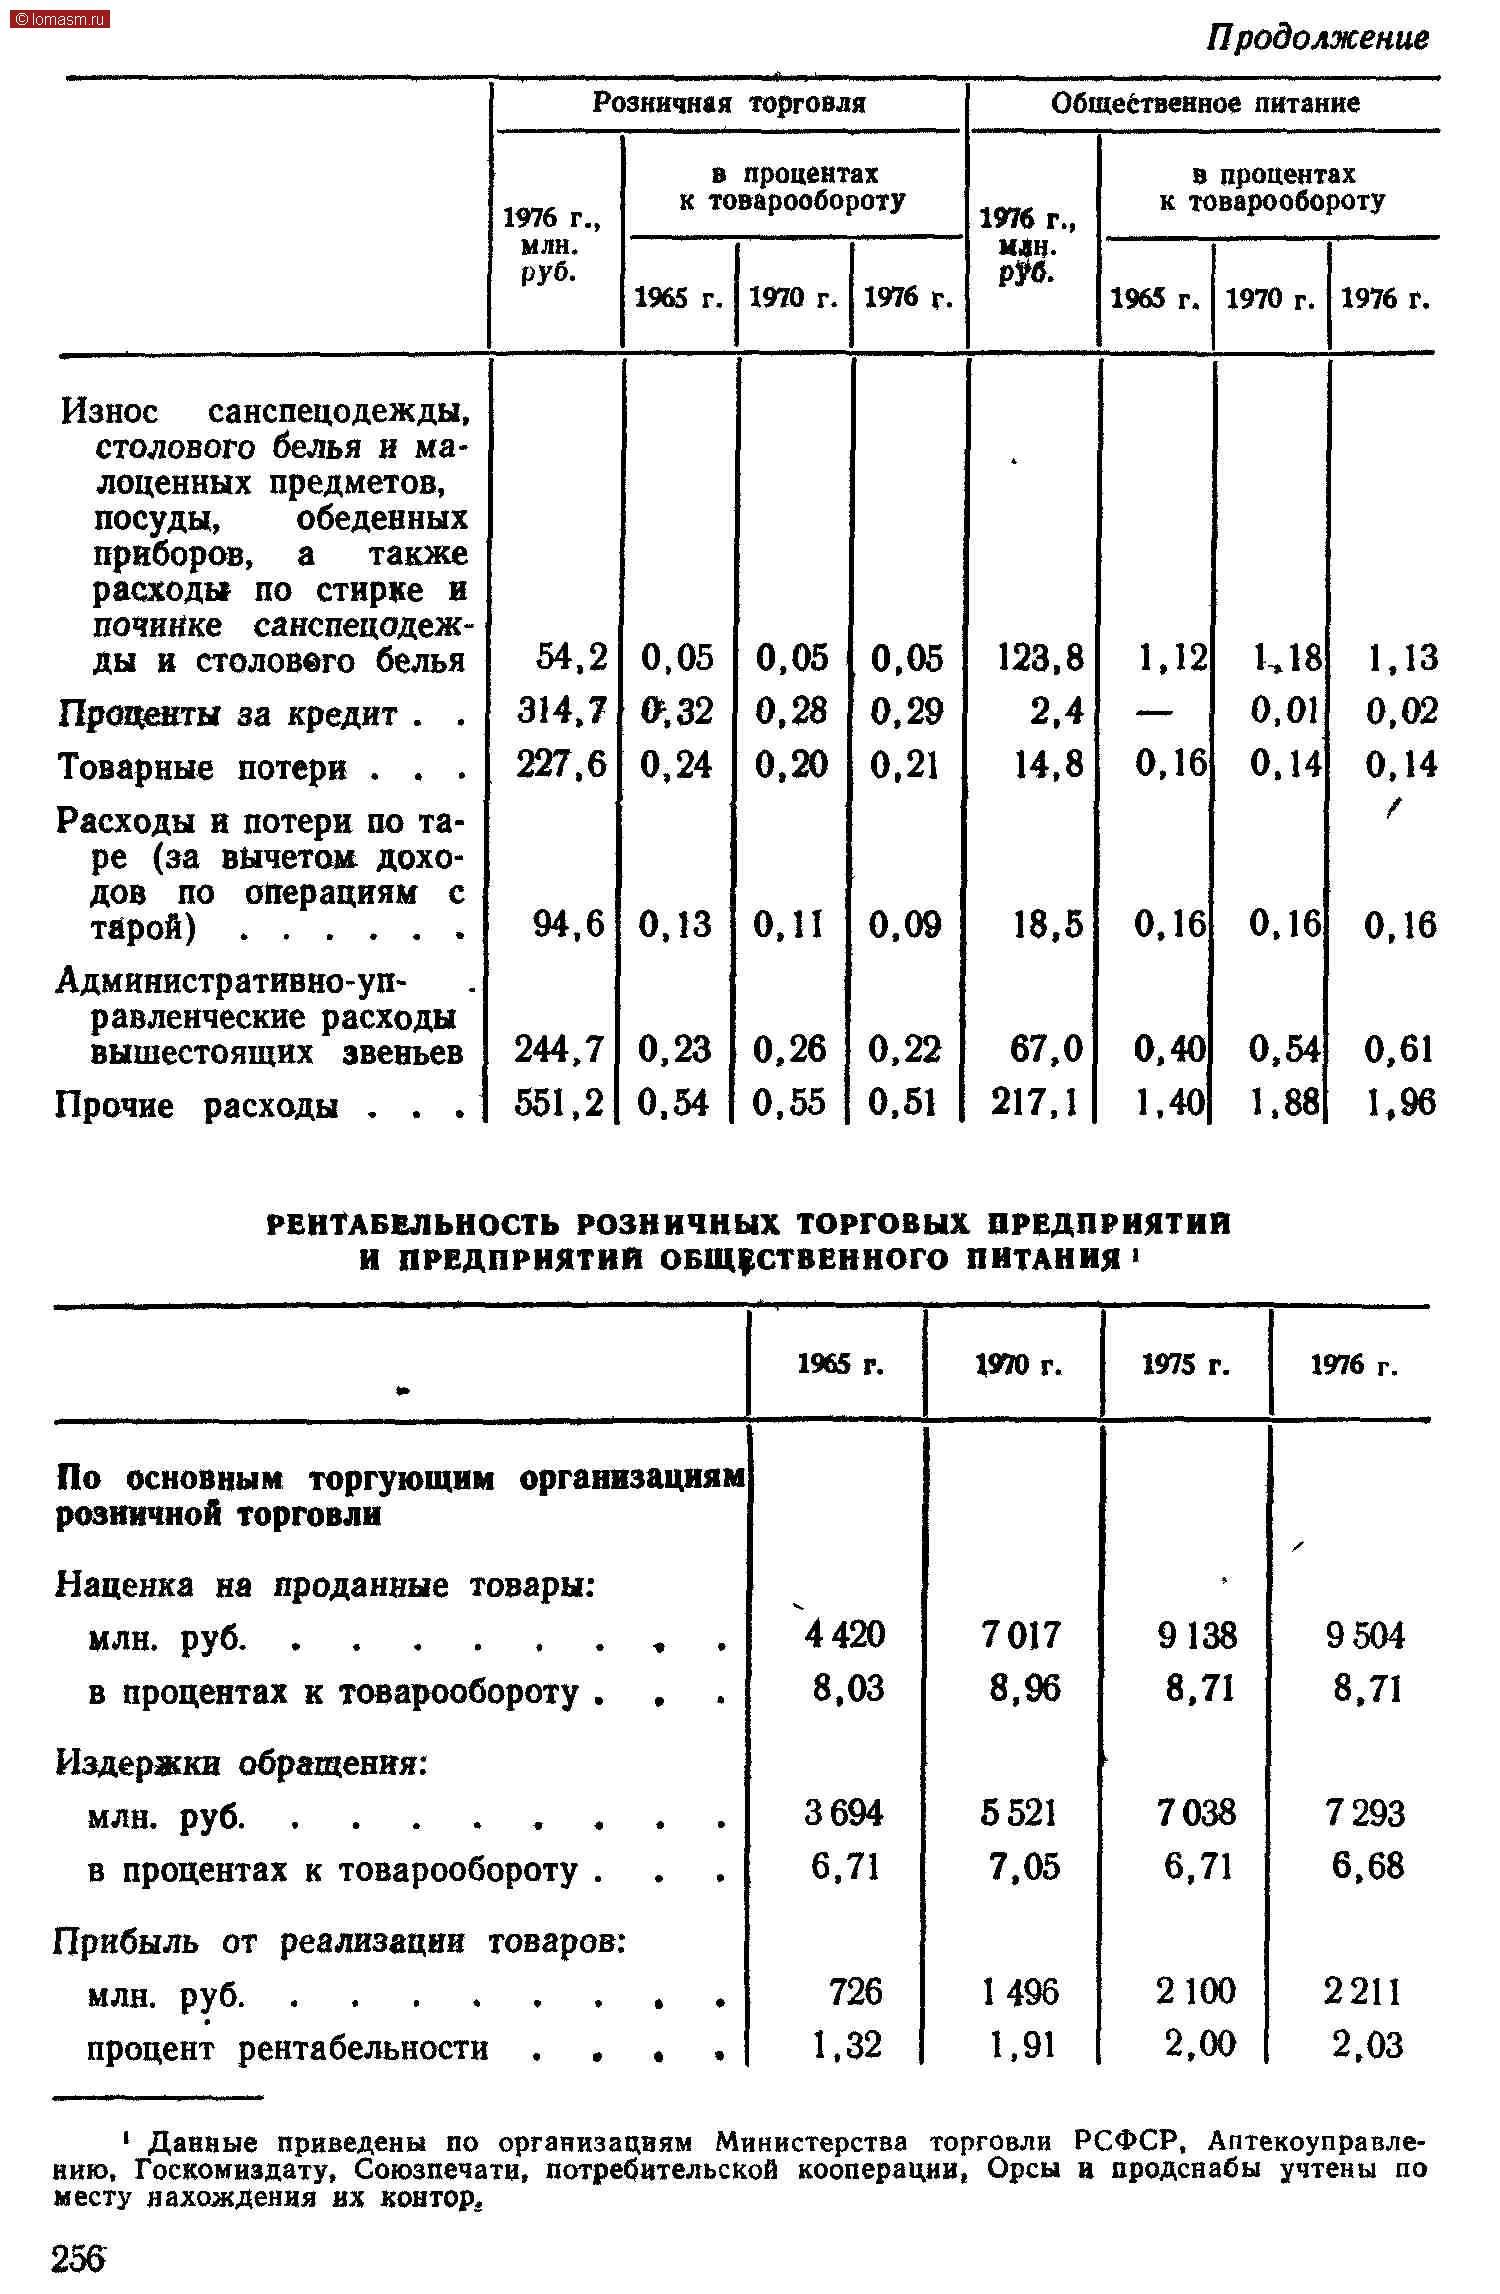 Продолжение Розничная торговляОбщественное питание 1976 г., млн. руб.1976 г., млн. Р?б.кЦ& 1965 г.1970 г.1976 Г.1965 г.1970 г.1976 Г. Износ    санспецодежды, столового белья и ма- лоценных предметов, посуды,       обеденных приборов,    а    также Й2Г ZSSJ-ды и столоввго белья54,20,05о,05о,05123,81,12U181,13 Пропеты за кредит .   .314,7№.320,280,292.4—0,010,02 Товарные потери .   .   .227,60,240,200,2114,80,160.140,14 Расходы и потери по таре (за вычетом дохо-/ дов   по   операциям   с тйрой)    ......94,60,13о,110,0918,50,160.160,16 А=~;244,70,230,260,2267,00,400,540,61 Прочие   расходы  .   .   .551,20,540.550,51217,11,401,881,96 РЕНТАБЕЛЬНОСТЬ РОЗНИЧНЫХ ТОРГОВЫХ. ПРЕДПРИЯТИИ и предприятия общественного ПИТАНИЯ 1 ,.1965 г.1970 г.1975 г.1976 г. По основным торгующим организациям розничной торговли Наценка на проданные товары:• млн. руб.........4420701791389504 в процентах к товарообороту .    .    .8,038,968,718,71 Издержки обращения: млн. руб.........3 694552170387293 в процентах к товарообороту .     .     .6,717,056,716,68 Прибыль от реализации товаров: 726149621002211 процент рентабельности    ....1,321,912,002,03 1 Данные приведены по организациям Министерства торговли РСФСР, Аптекоуправлению, Госкомиздату, Союзпечати, потребительской кооперации, Орсы н продсиабы учтены по месту нахождения их контор. 256